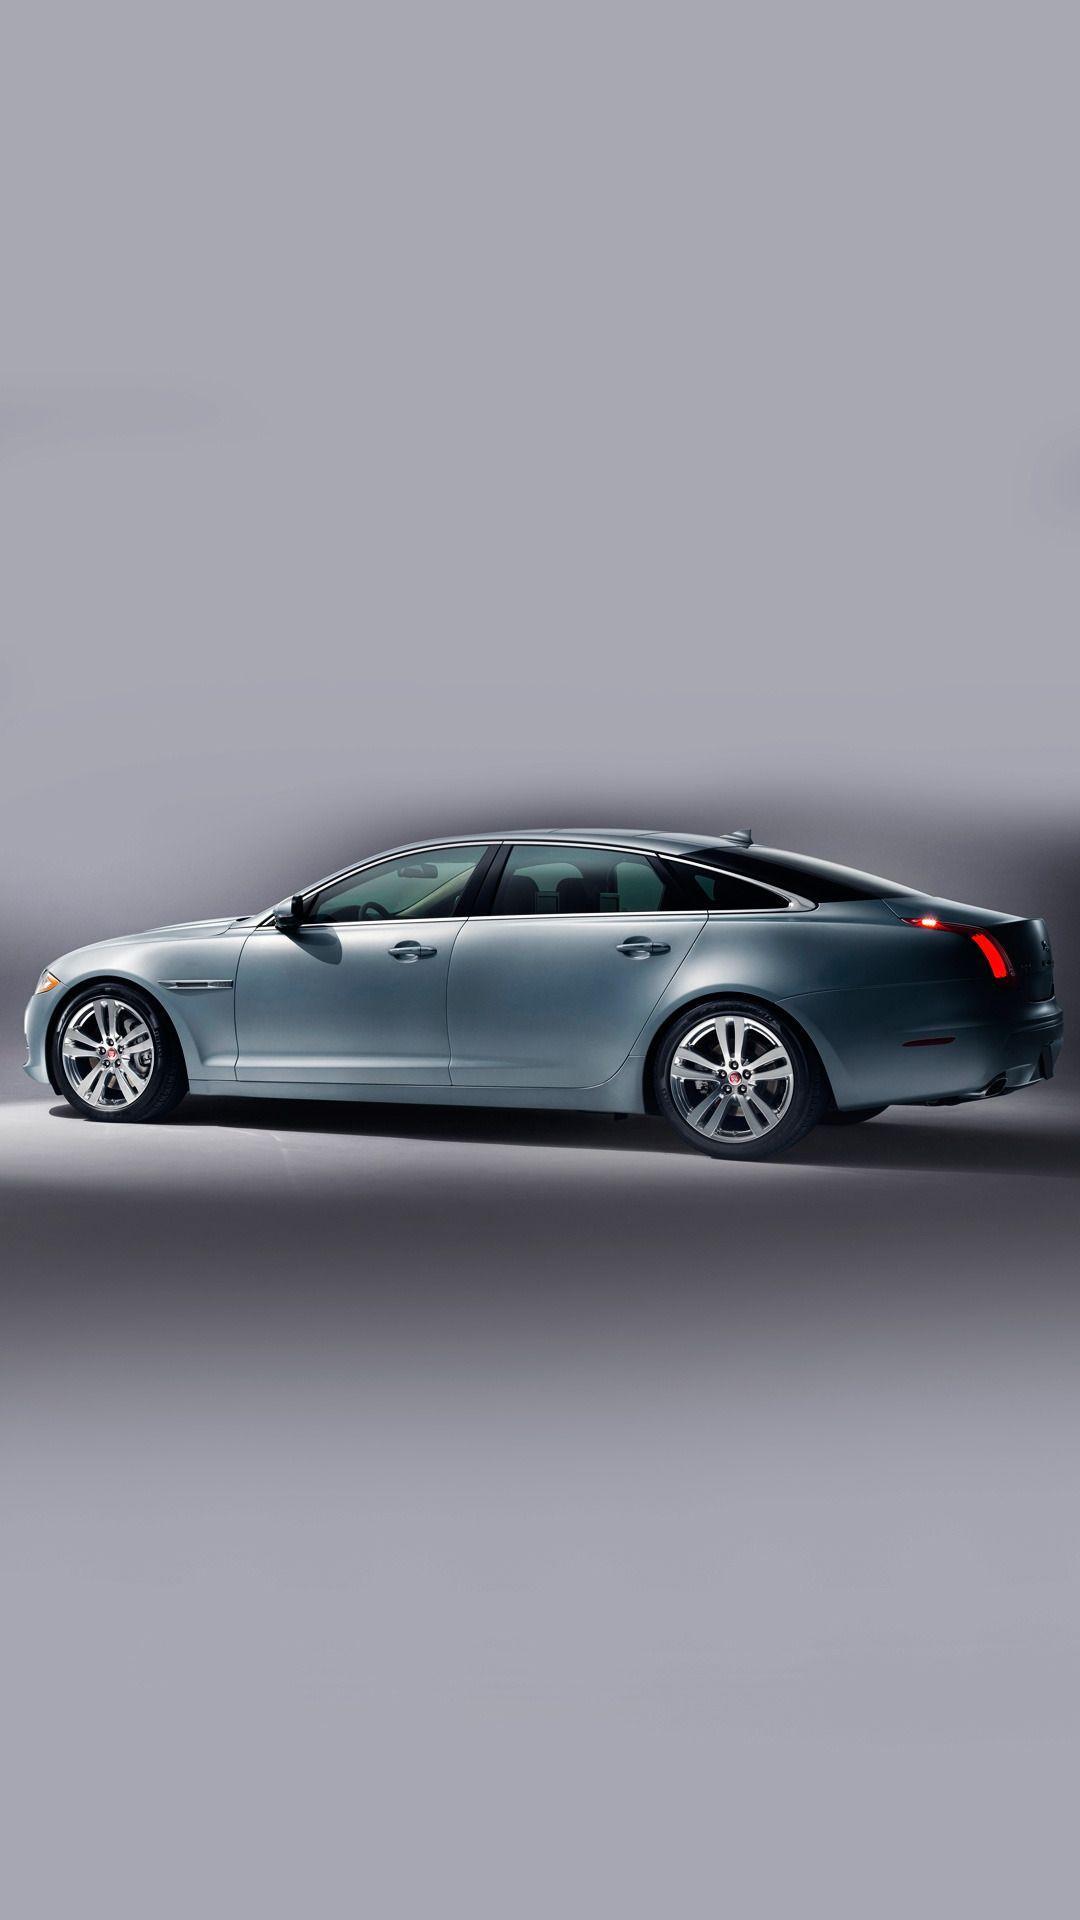 Jaguar Car Mobile Wallpaper : Jaguar Cars 4k Wallpaper ...